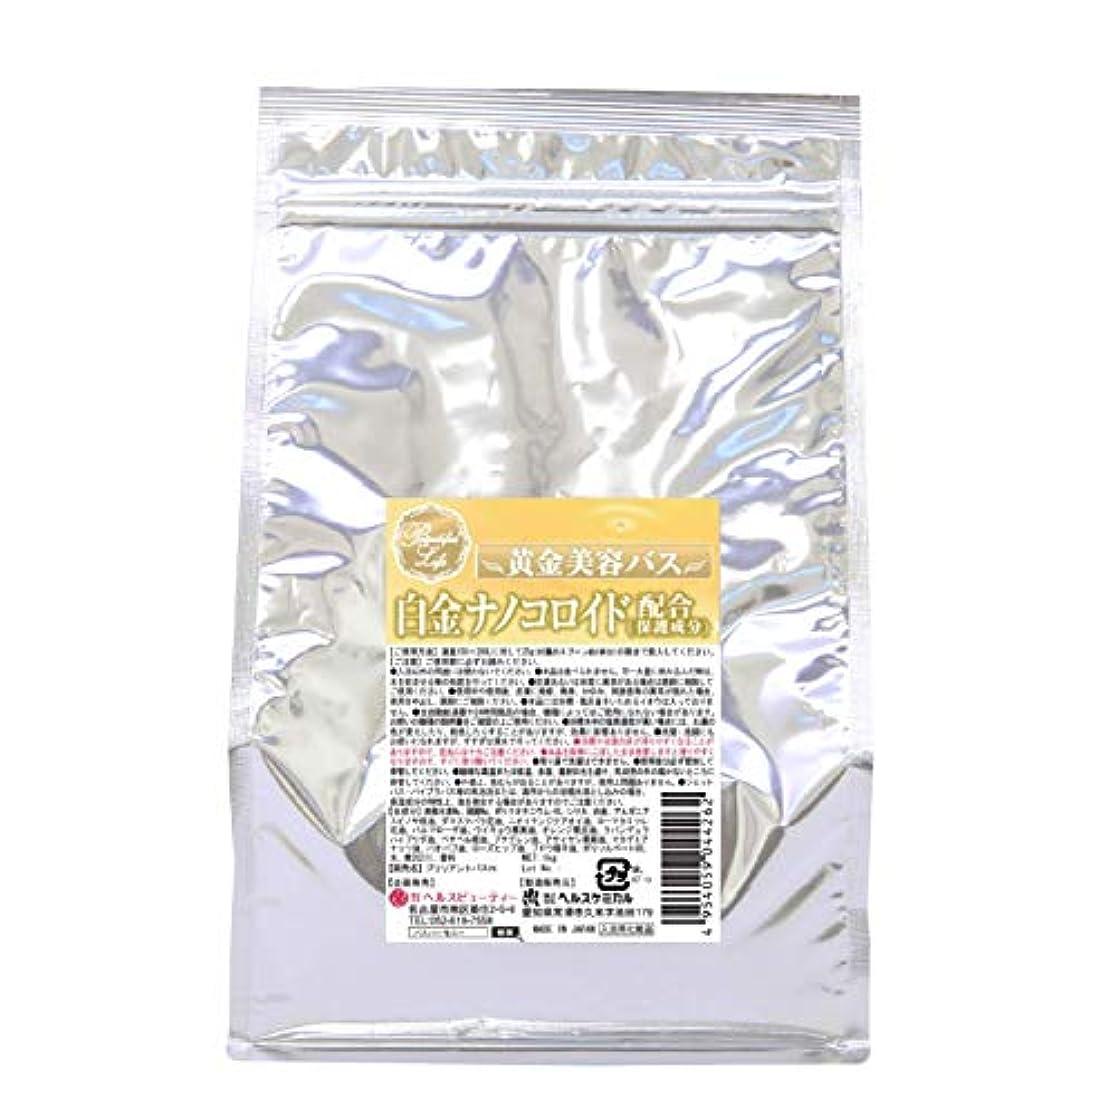 自然地上で残り入浴剤 湯匠仕込 白金ナノコロイド配合 1kg 50回分 お徳用